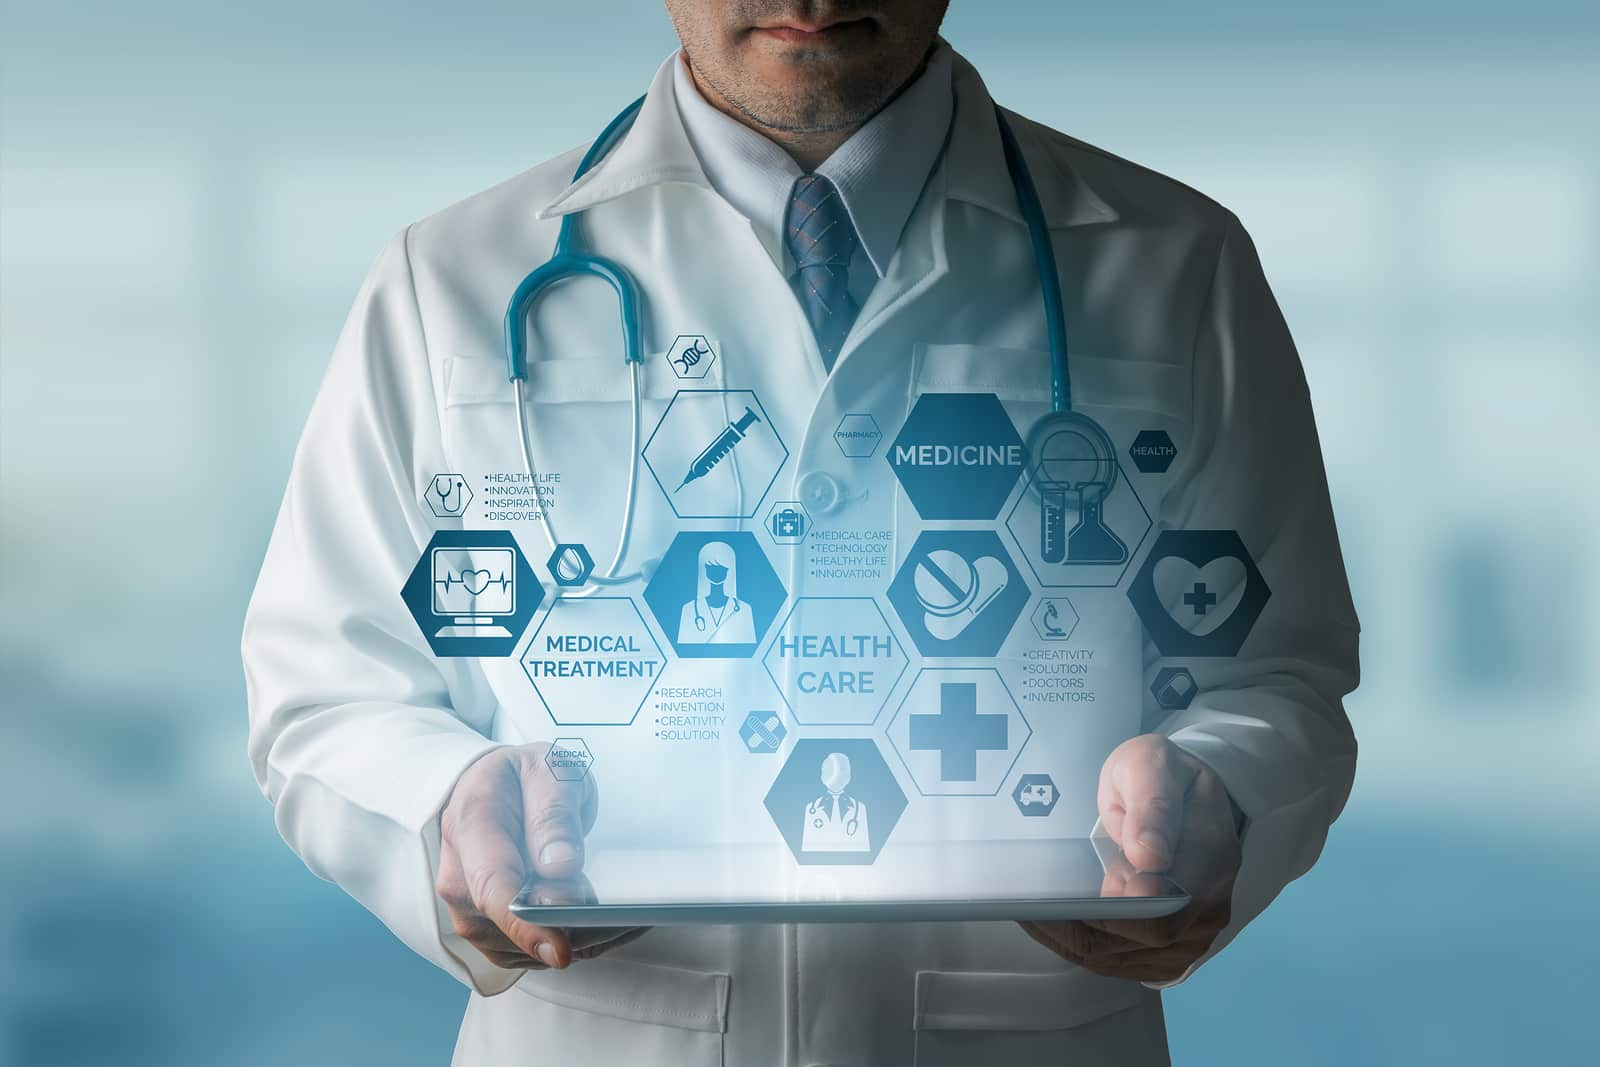 رونق کسب و کار پزشکان به کمک بازاریابی دیجیتال